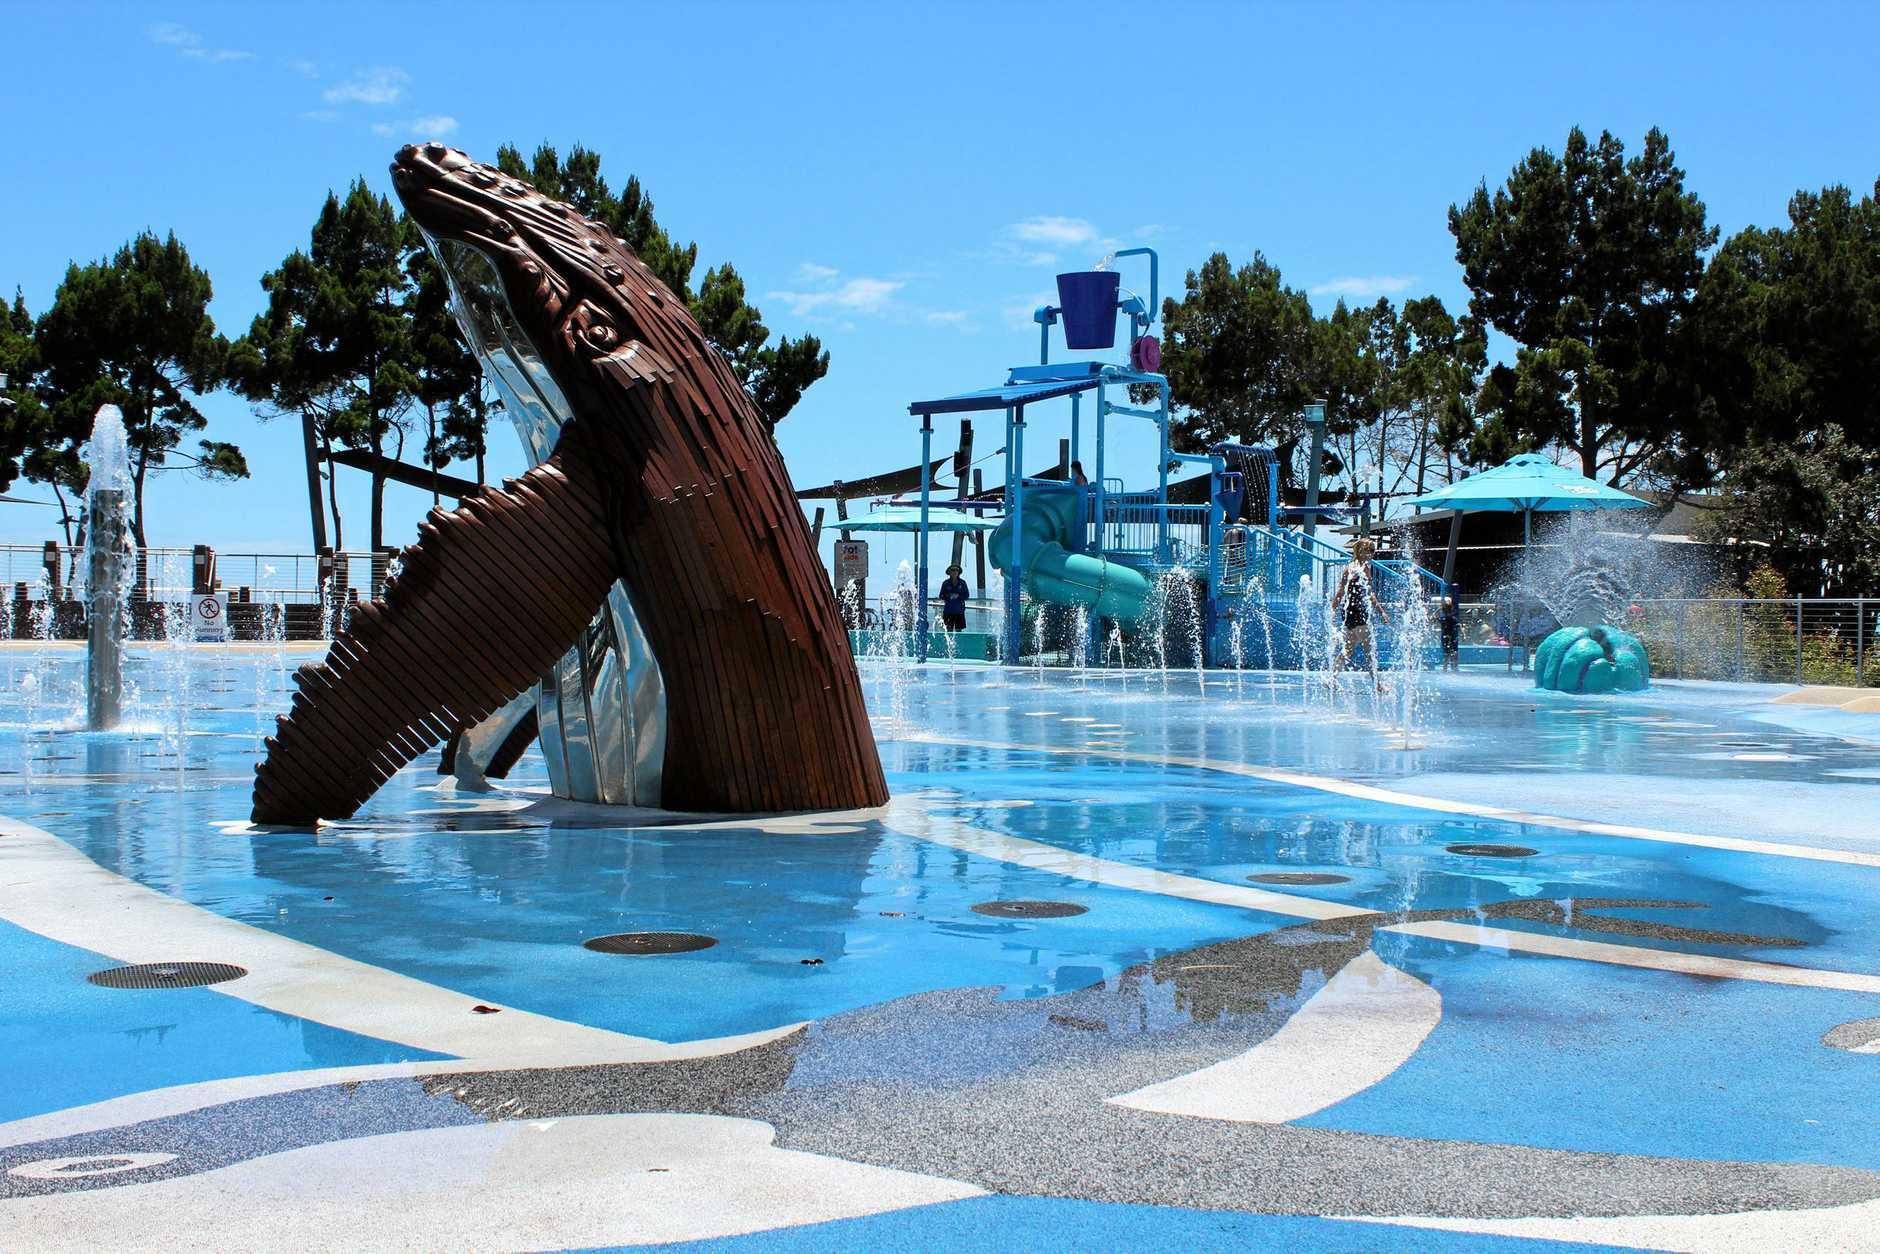 RIGHT: WetSide Water Park in Hervey Bay.